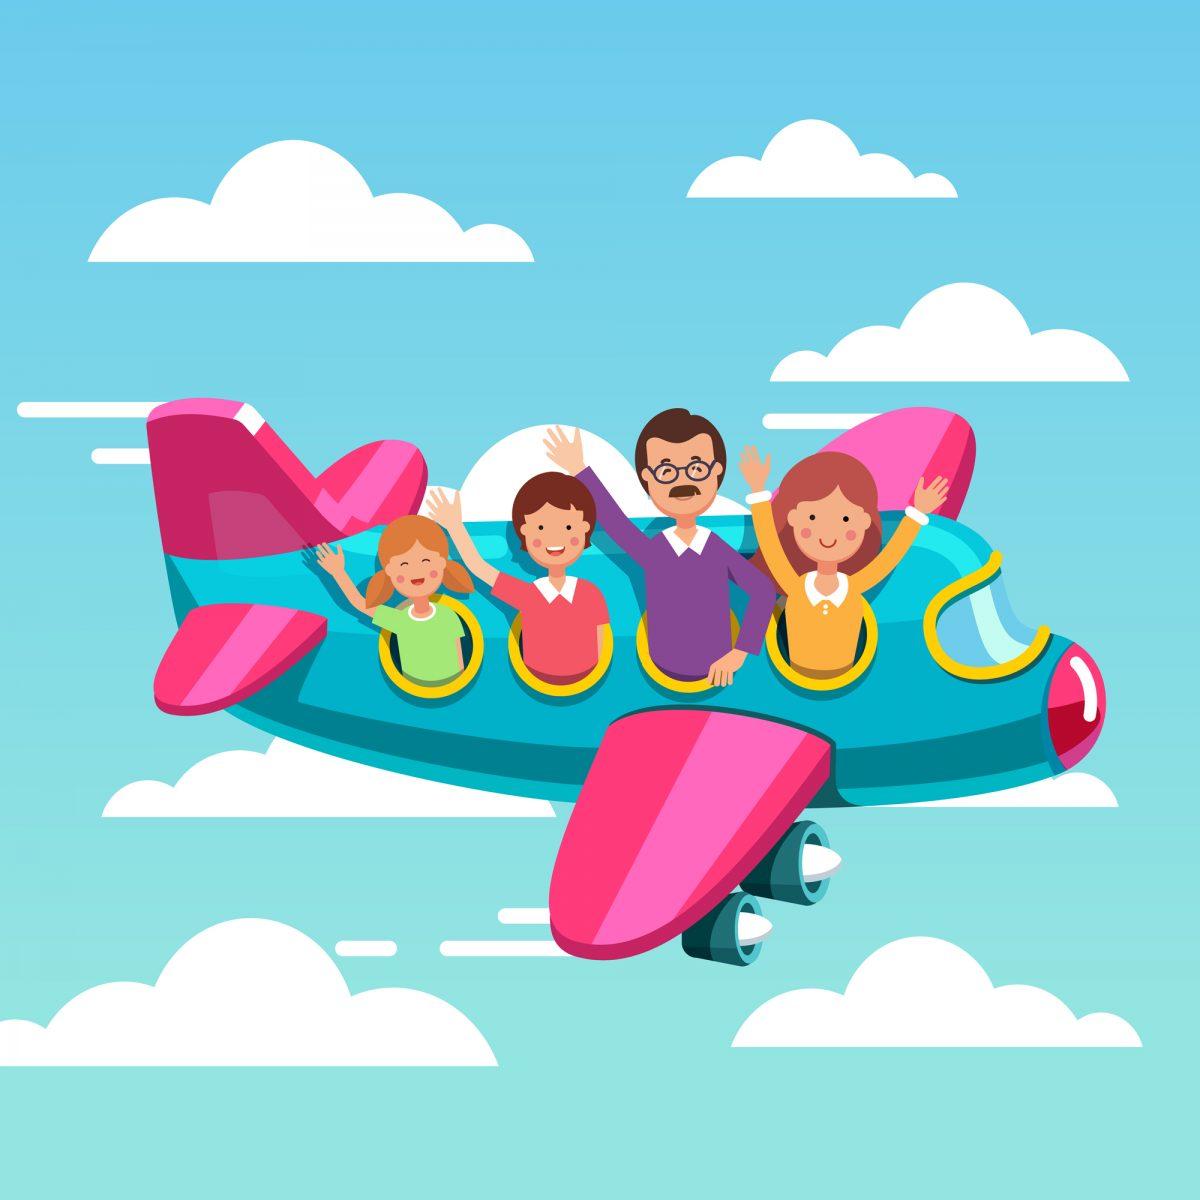 วิธีแก้ปัญหาเวลาเด็กขึ้นเครื่องบินแล้วหูอื้อ